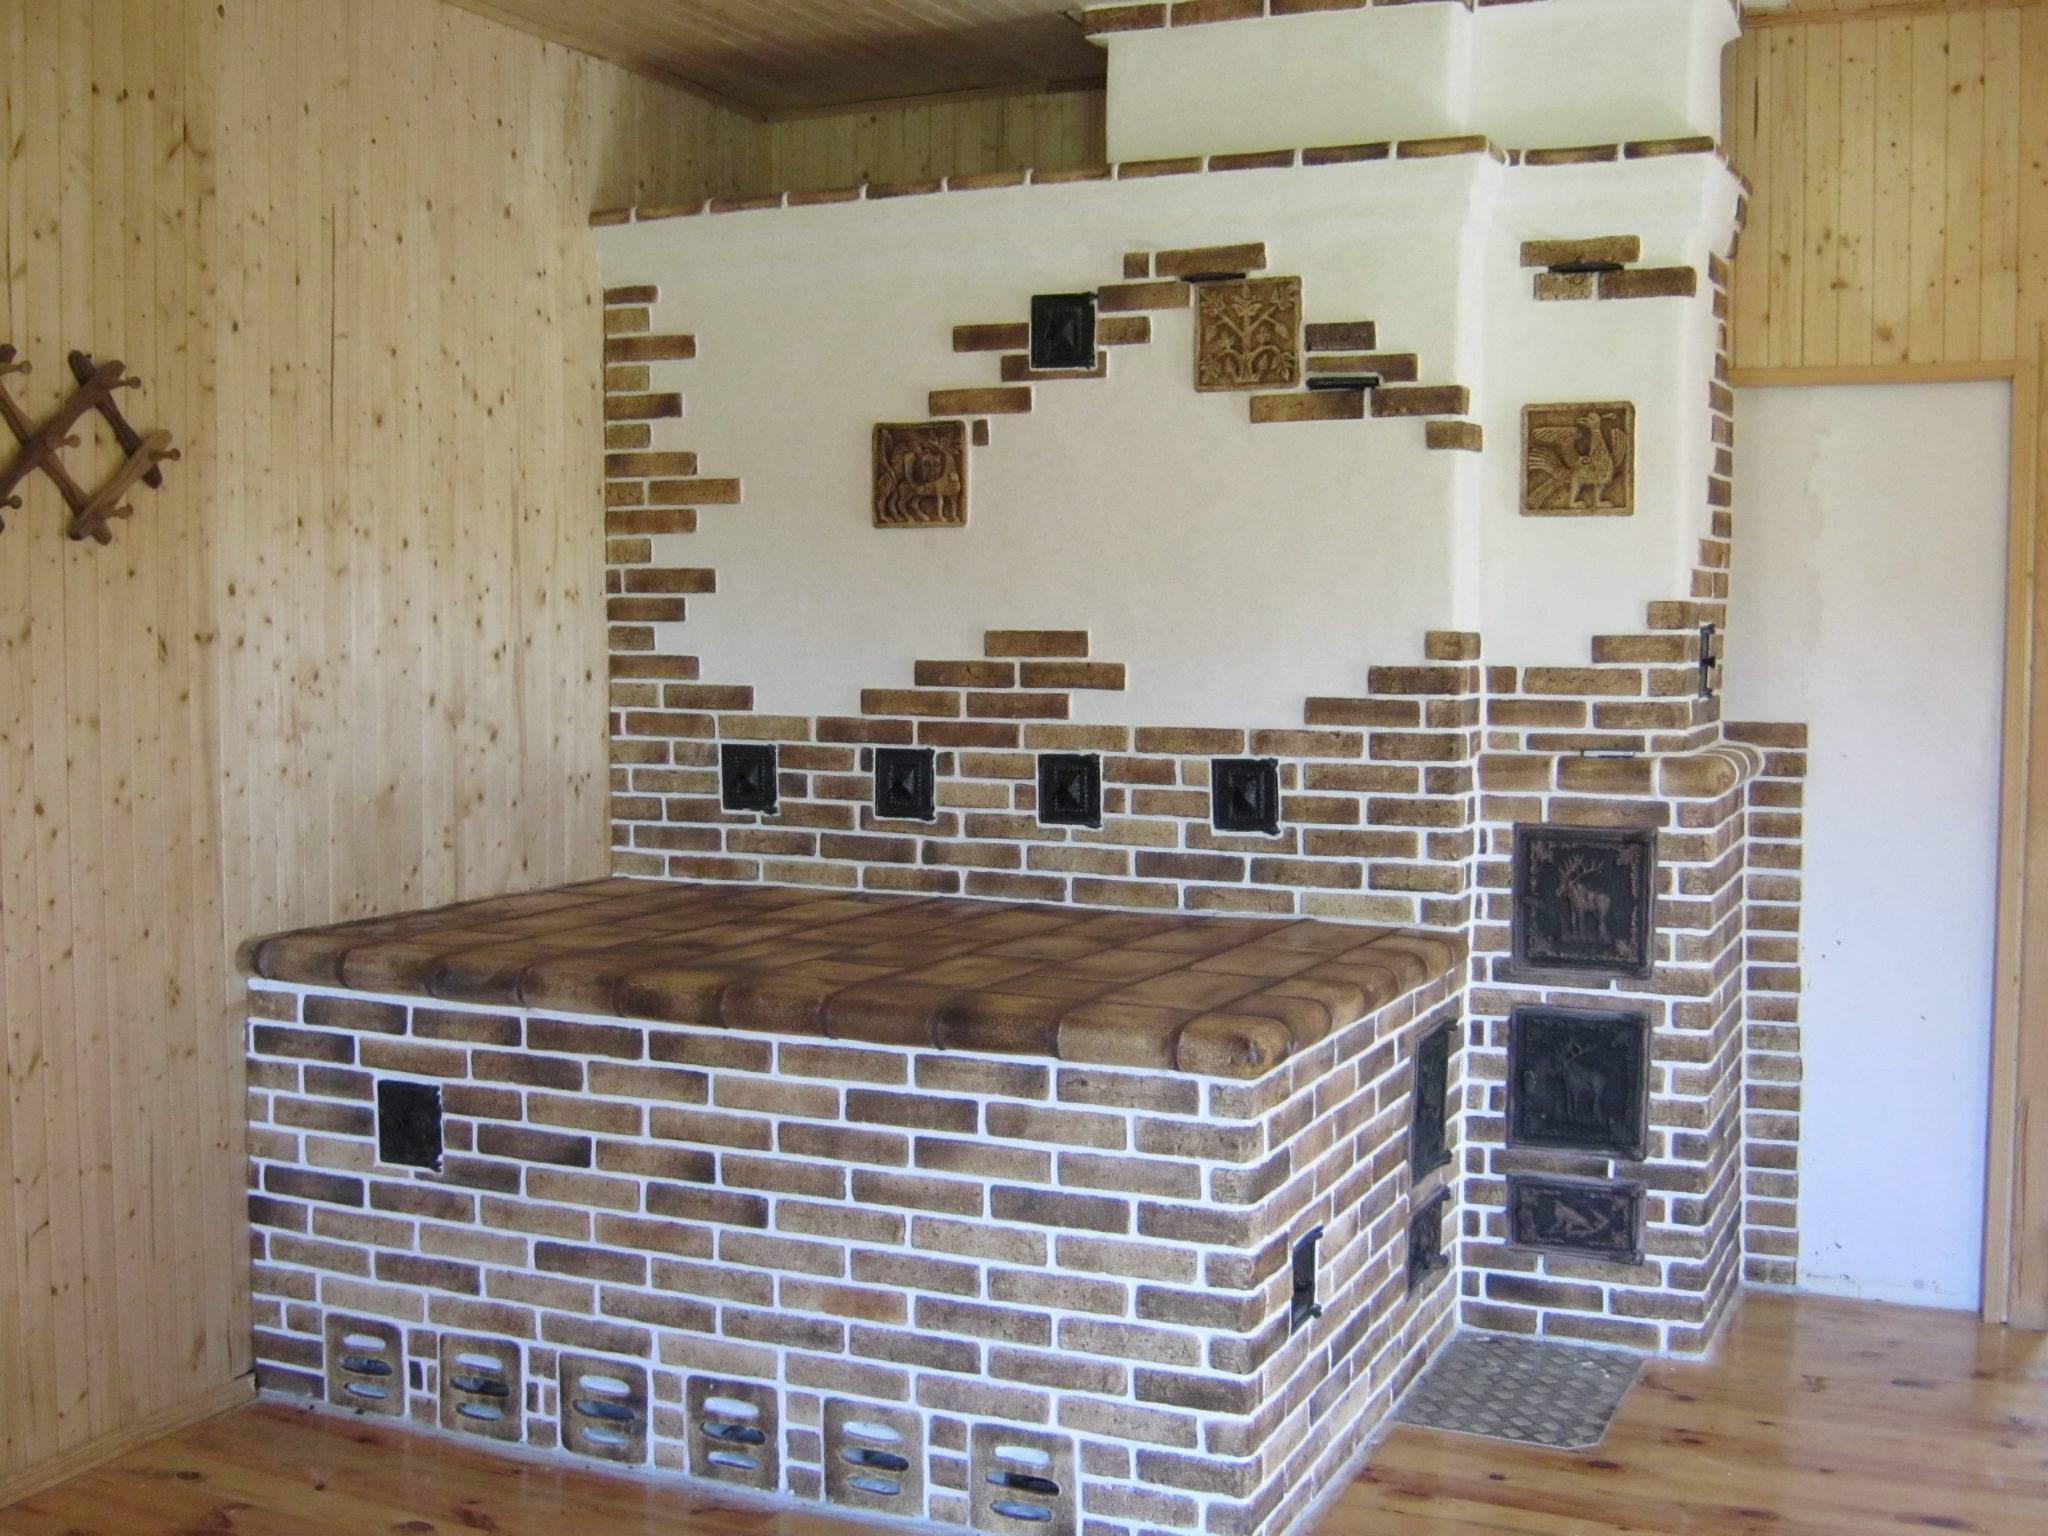 Отделка печей и каминов: кафельной плиткой, декоративным камнем, мрамором